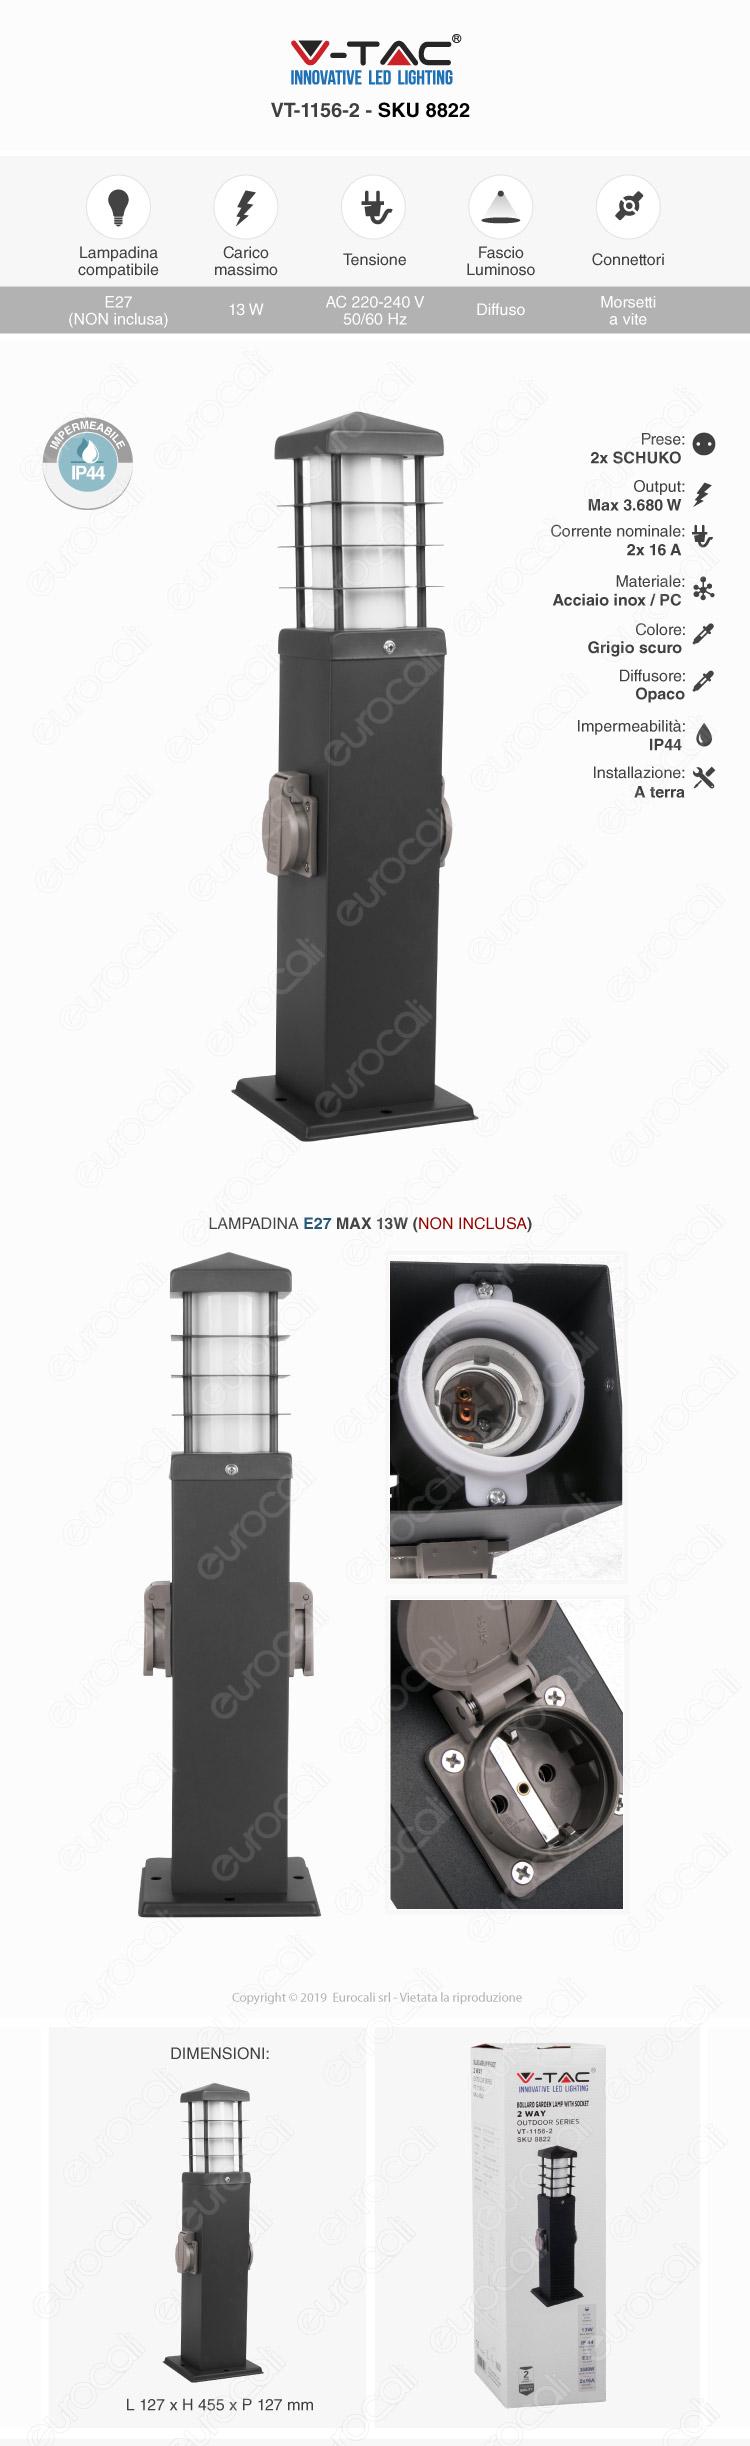 V-Tac Bollard Garden Lamp